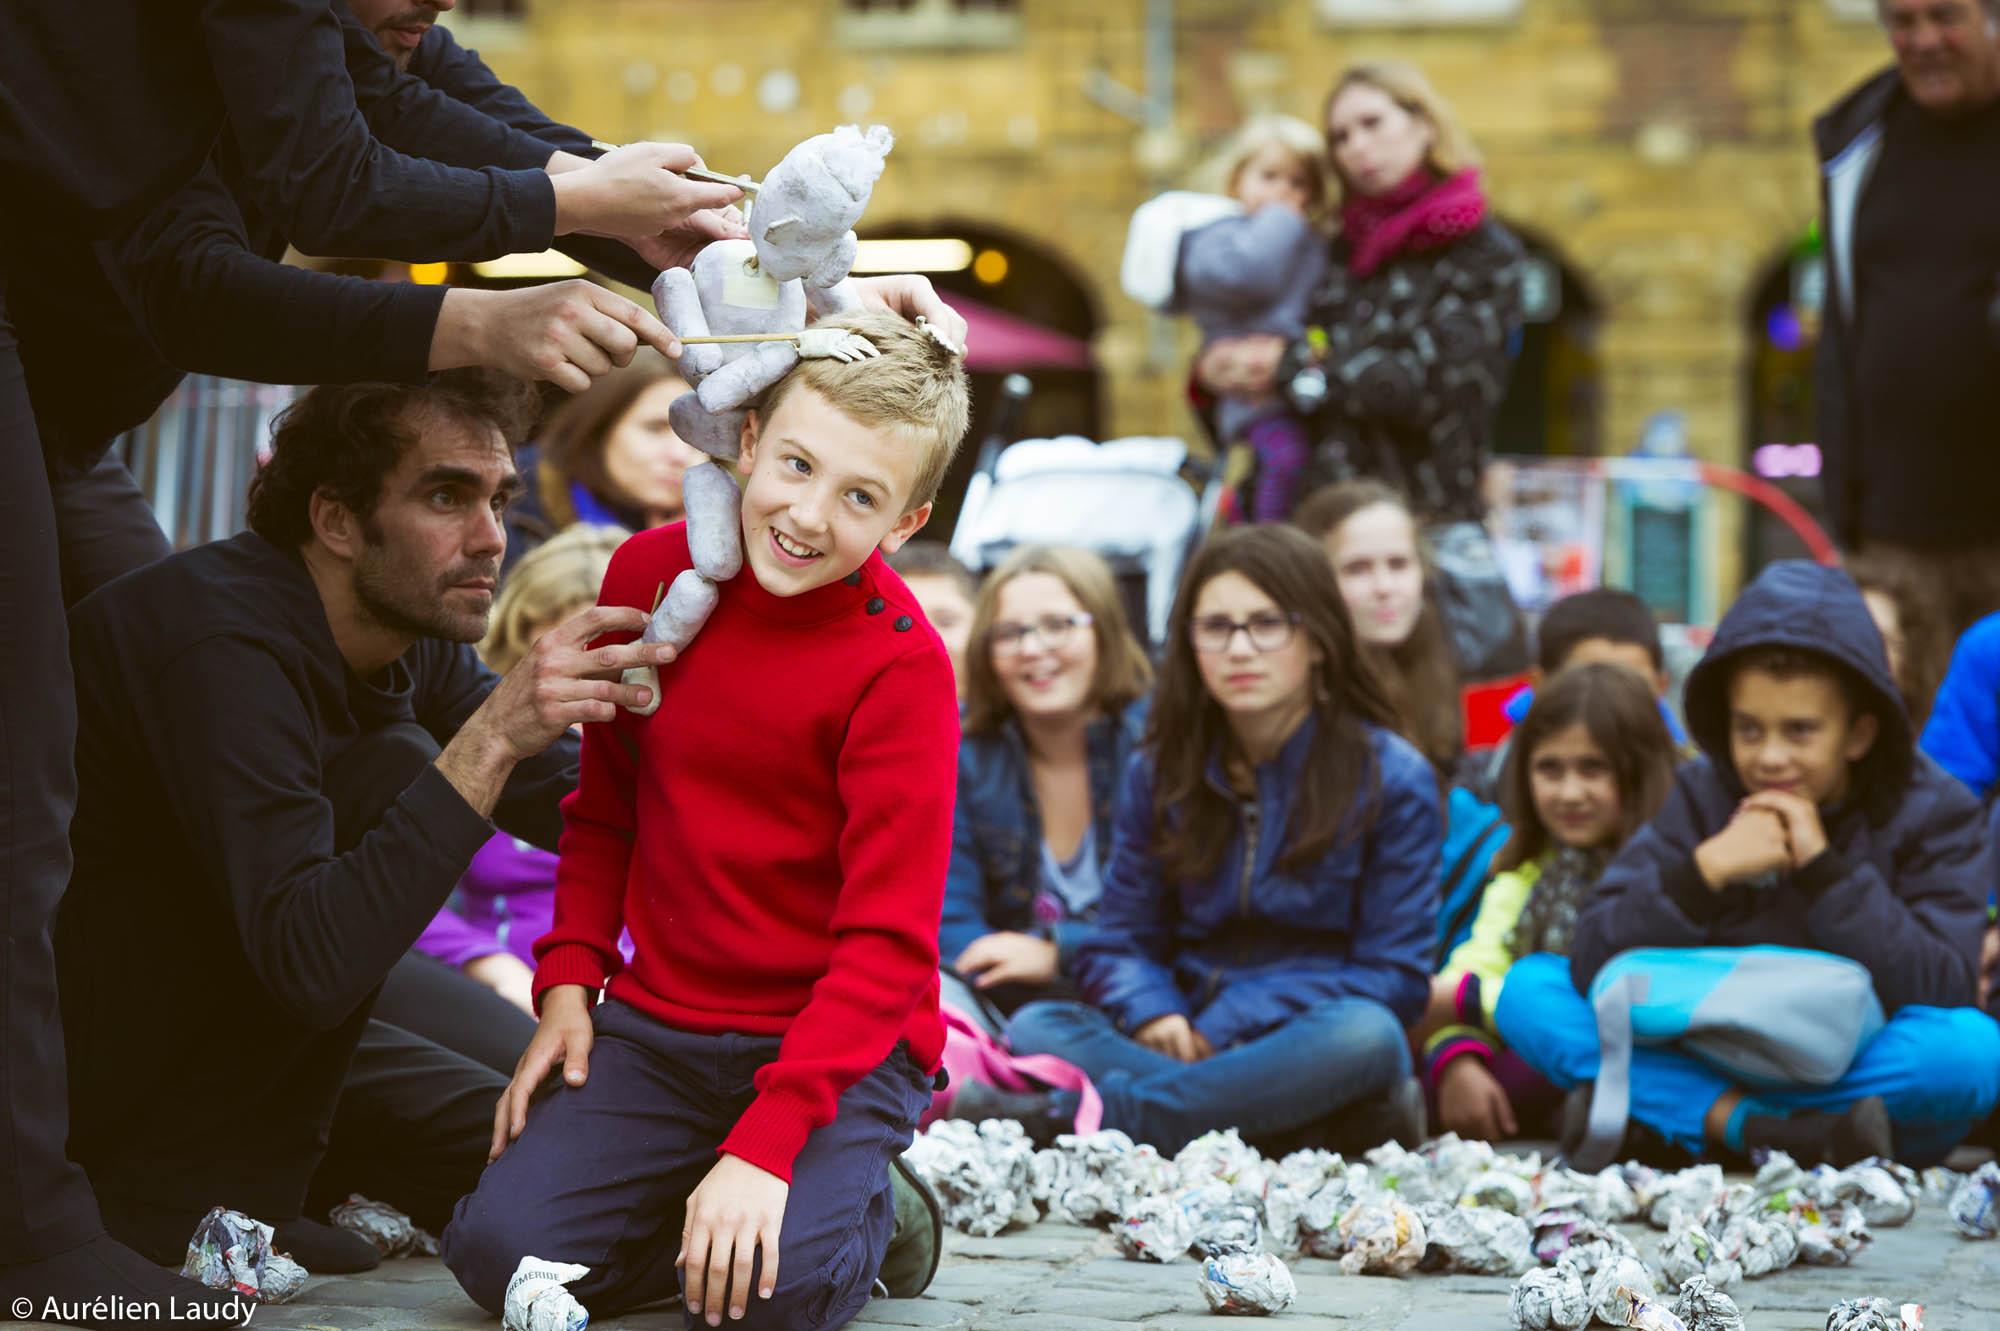 Teatro Ictus: Marioneta de papel promete trasladar a la niñez a toda la familia